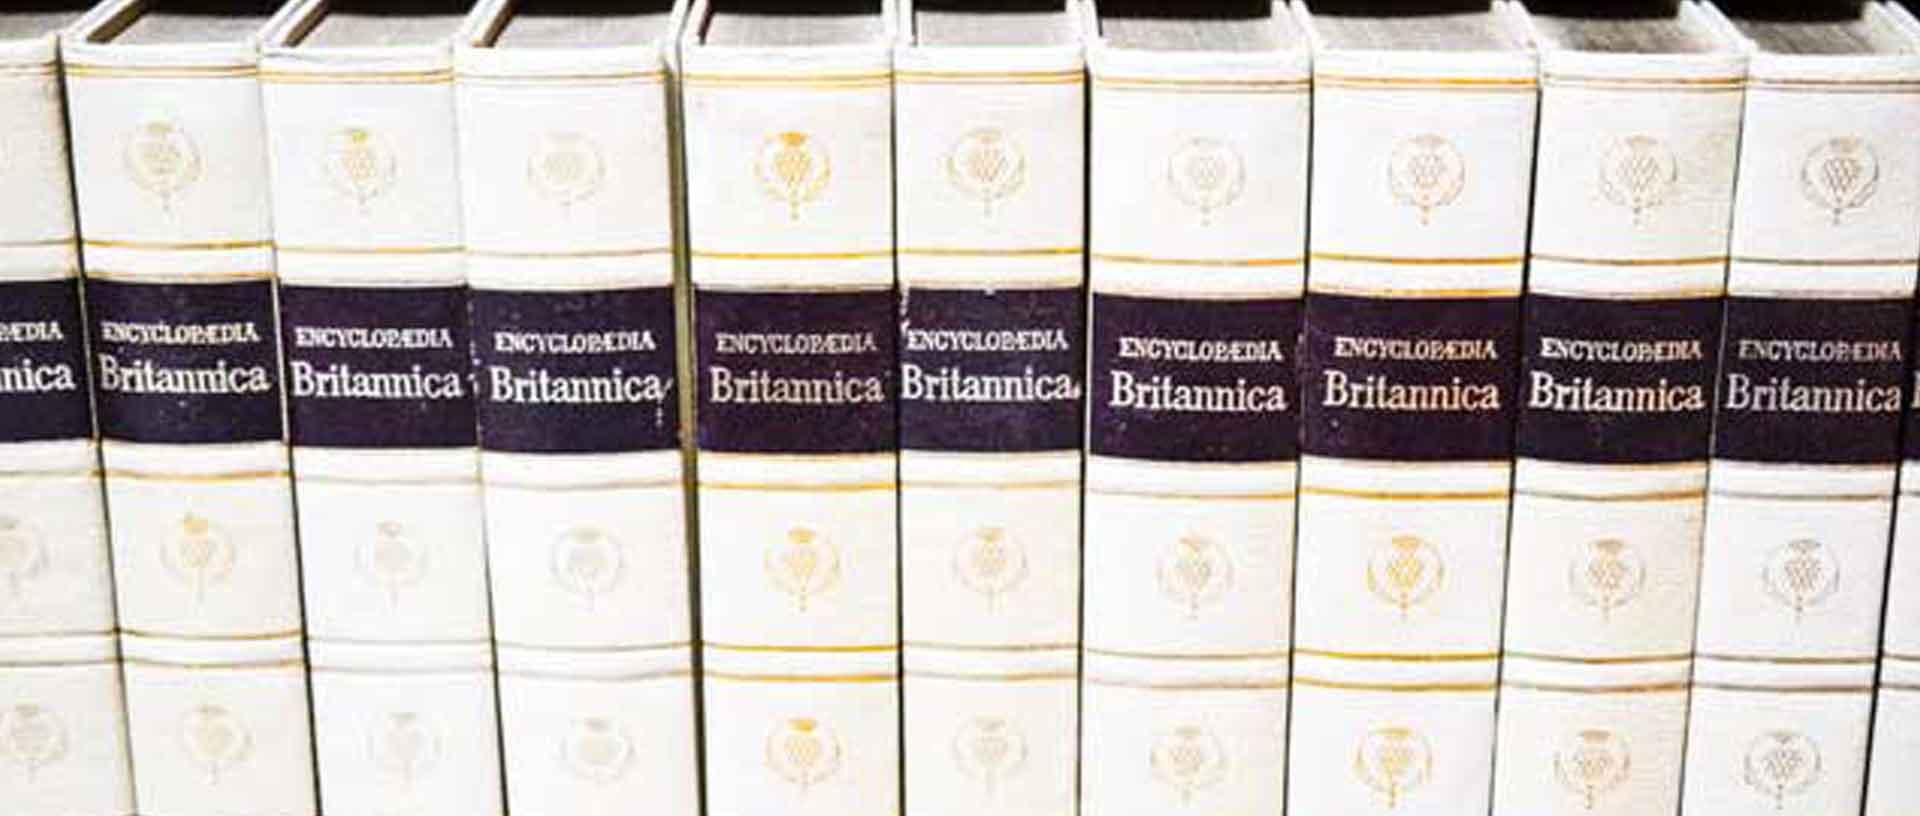 買取不可の辞典や全集など大きさのある本